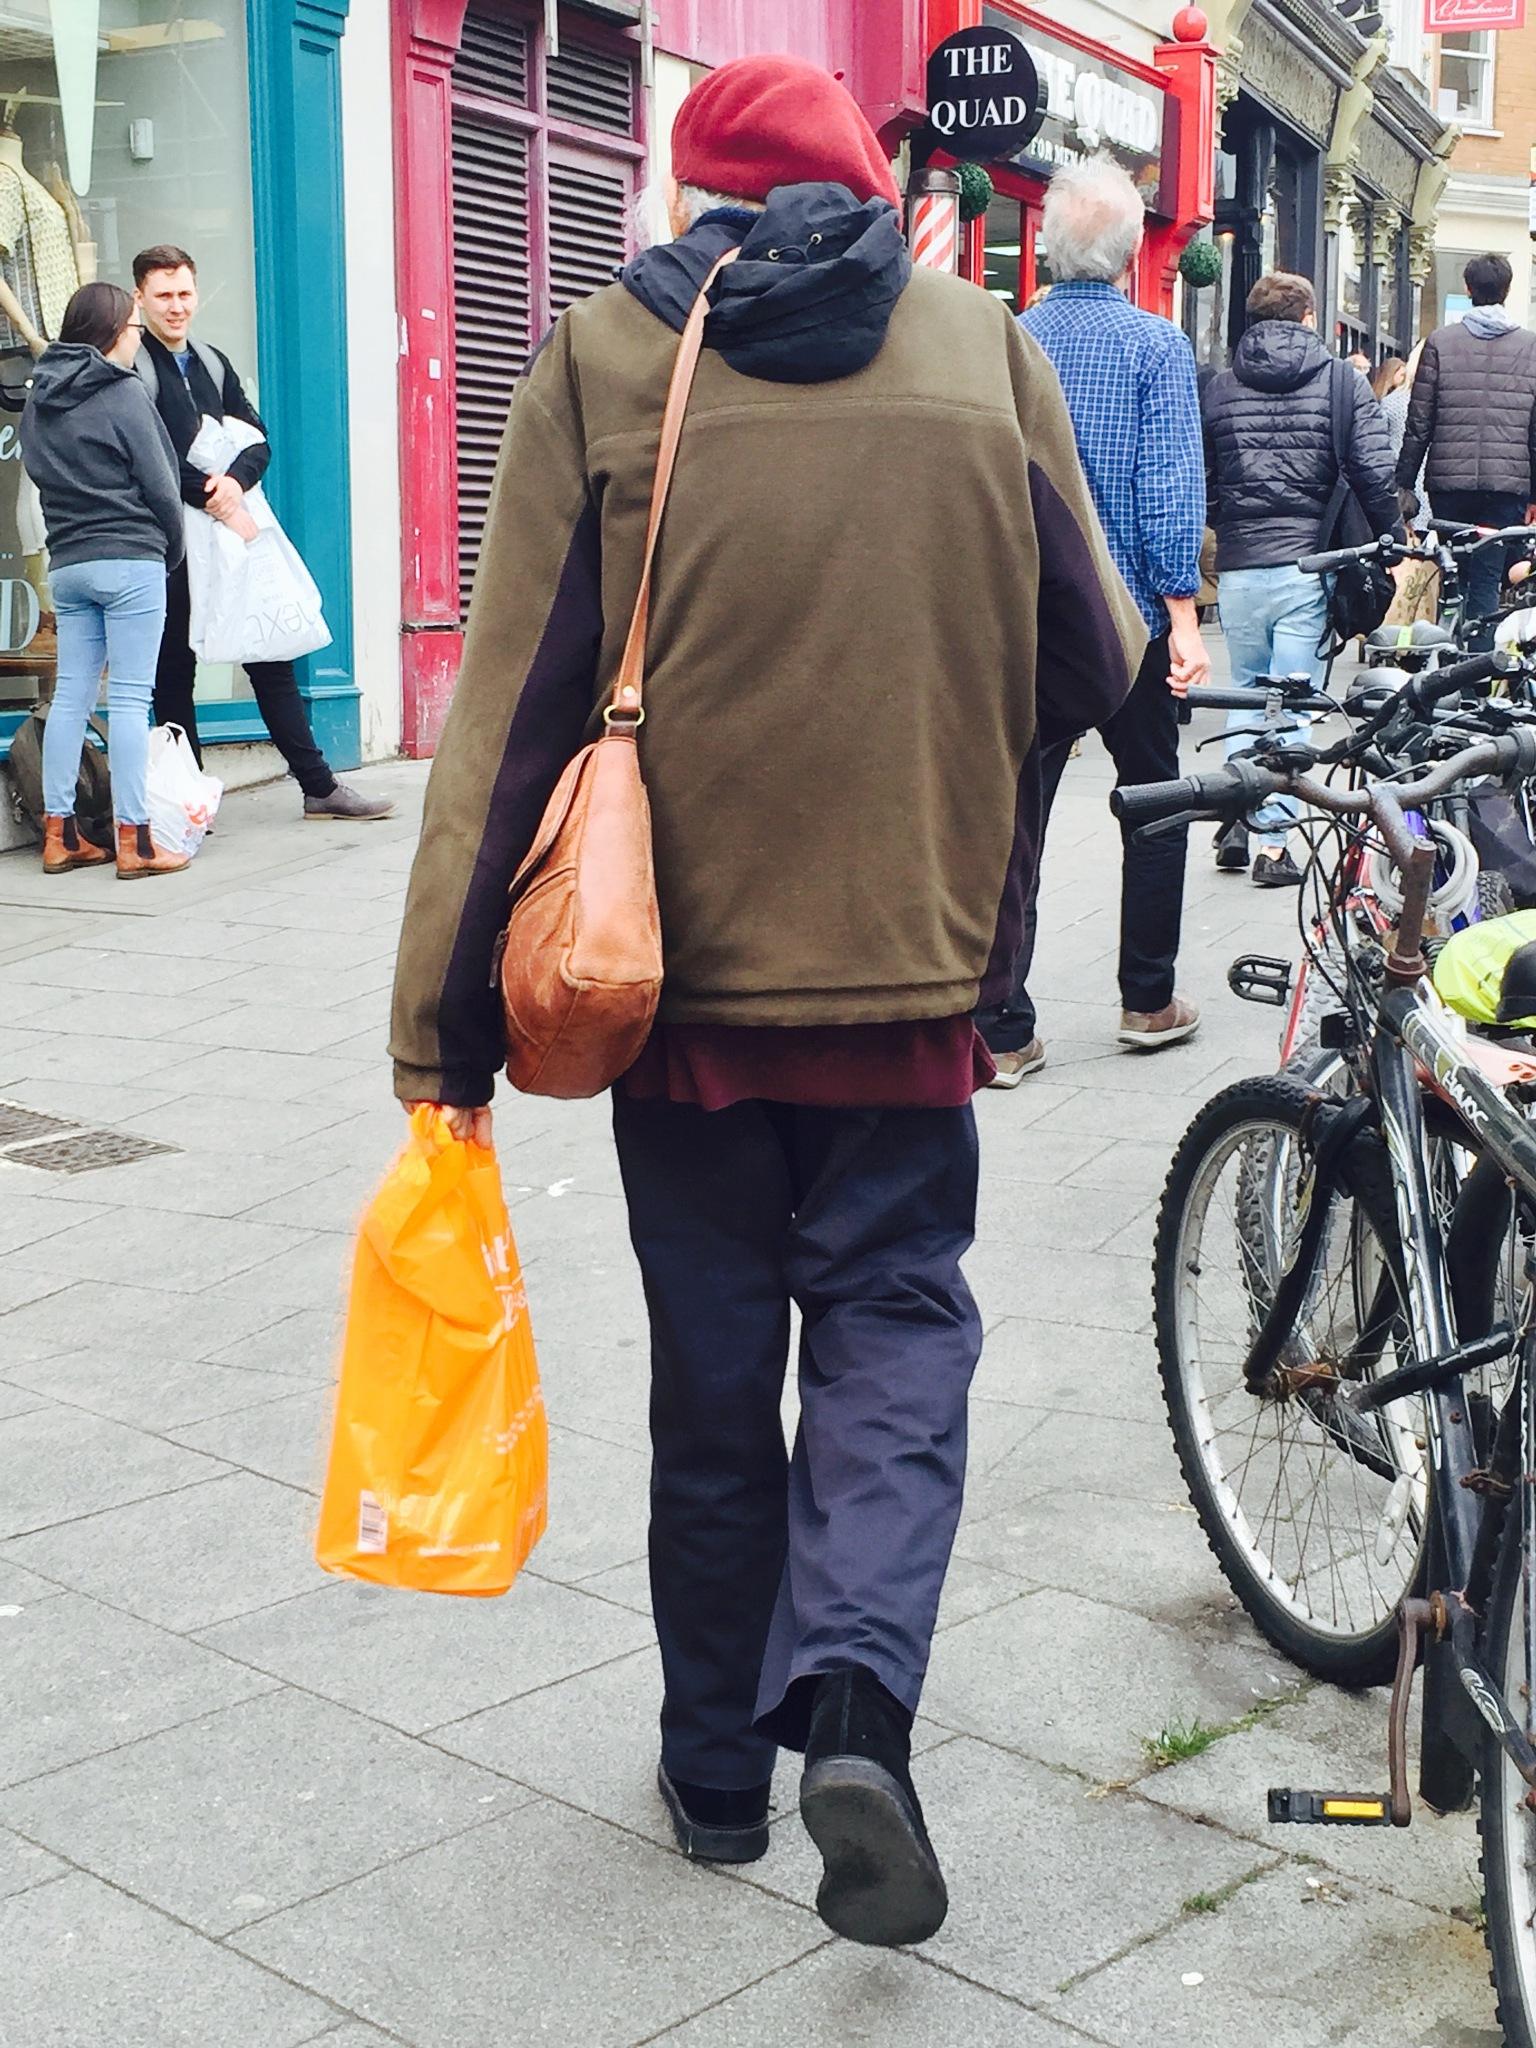 People Walk  by KurdSpring